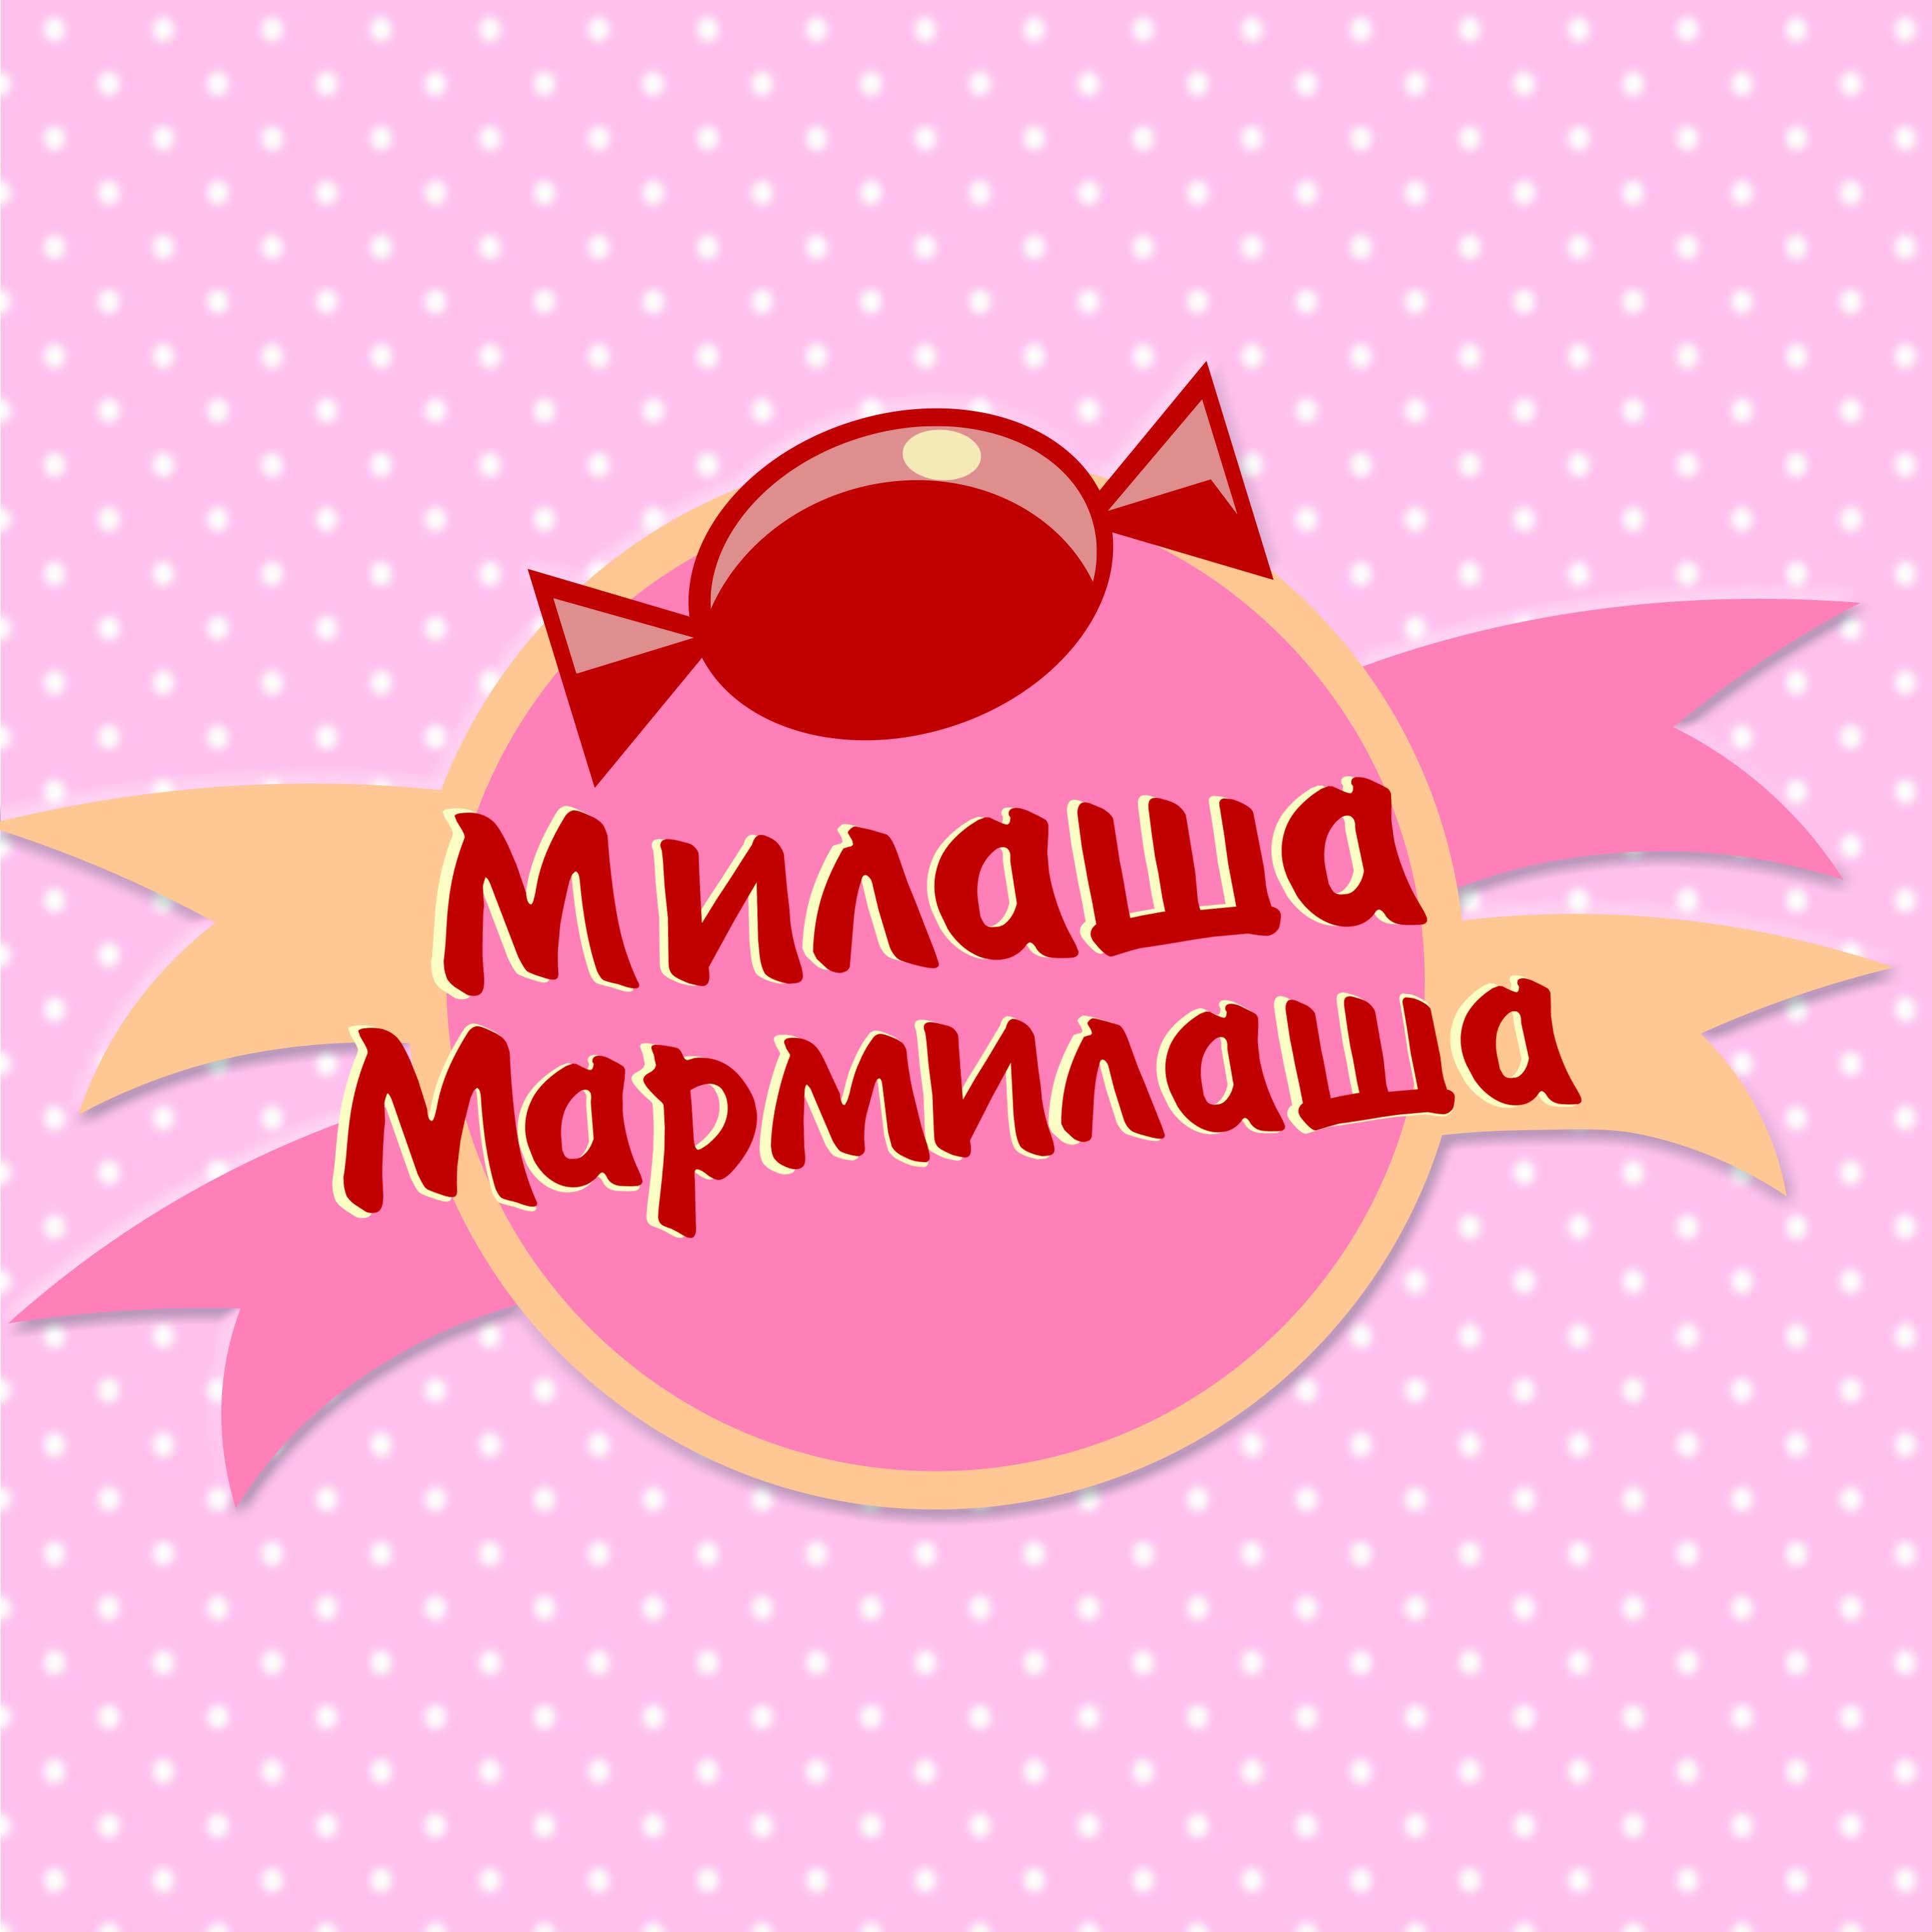 """Логотип для товарного знака """"Милаша-Мармилаша"""" фото f_3735874ecb1b008b.jpg"""